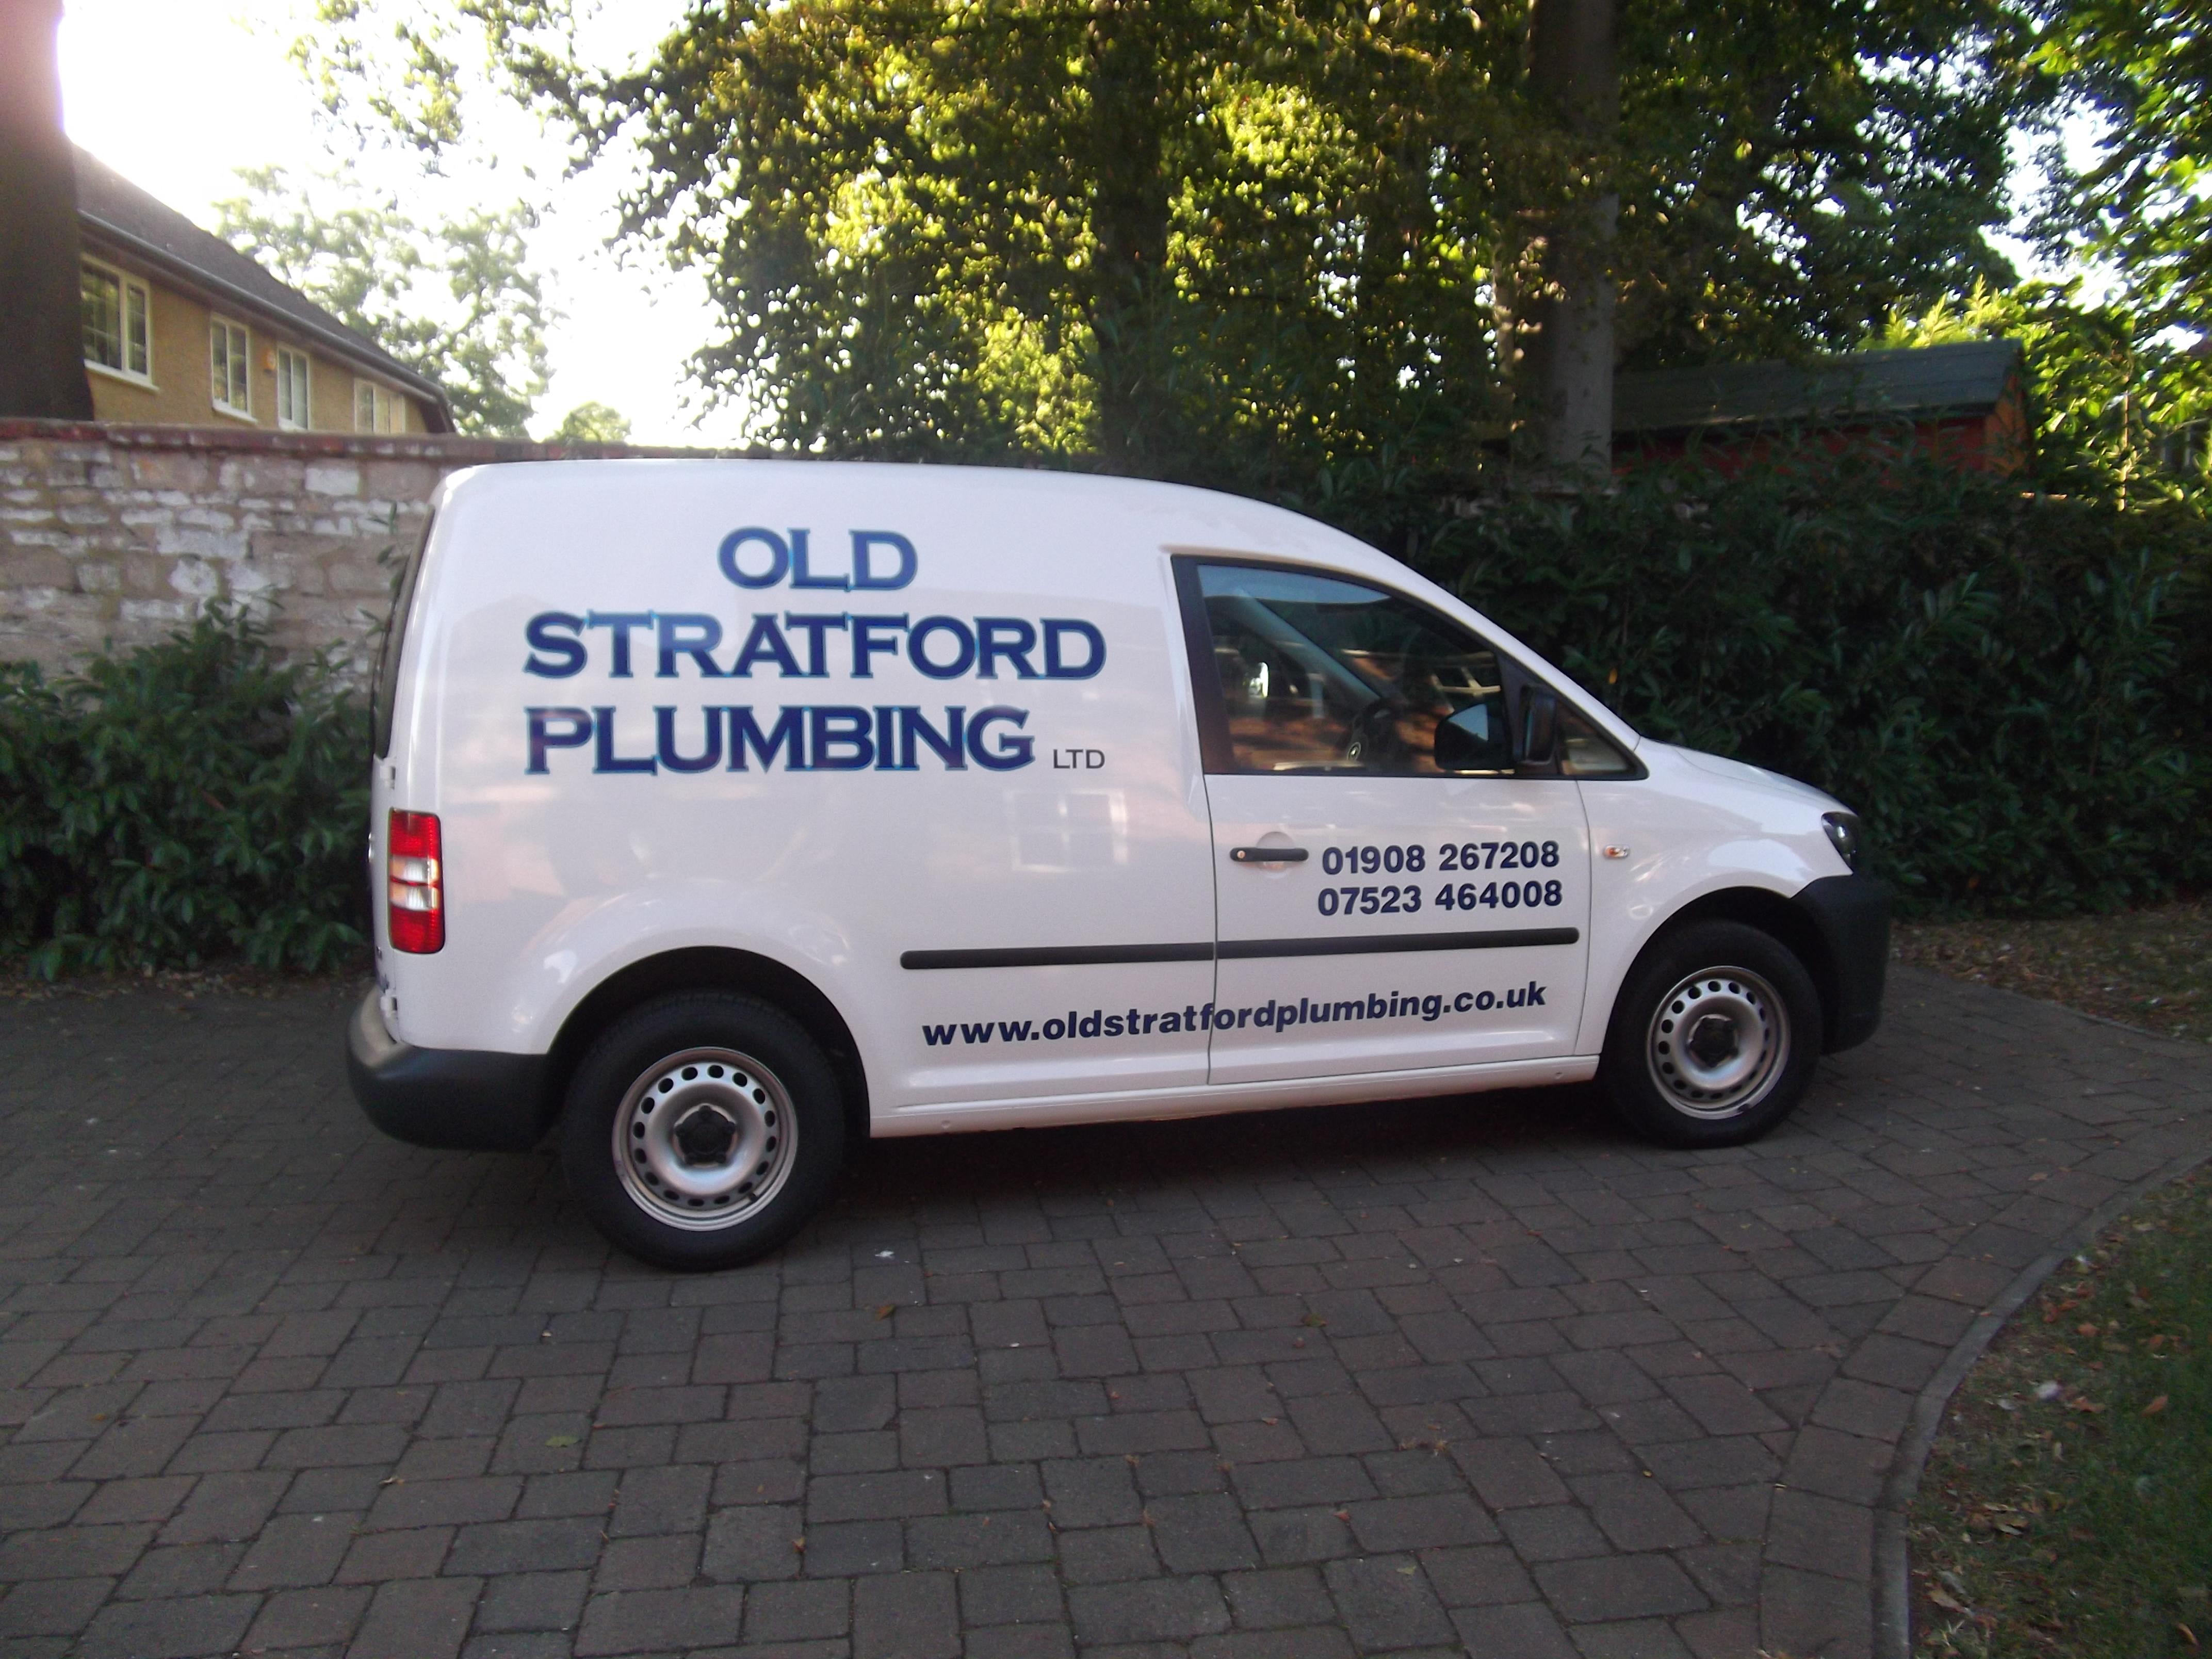 Old Stratford Plumbing